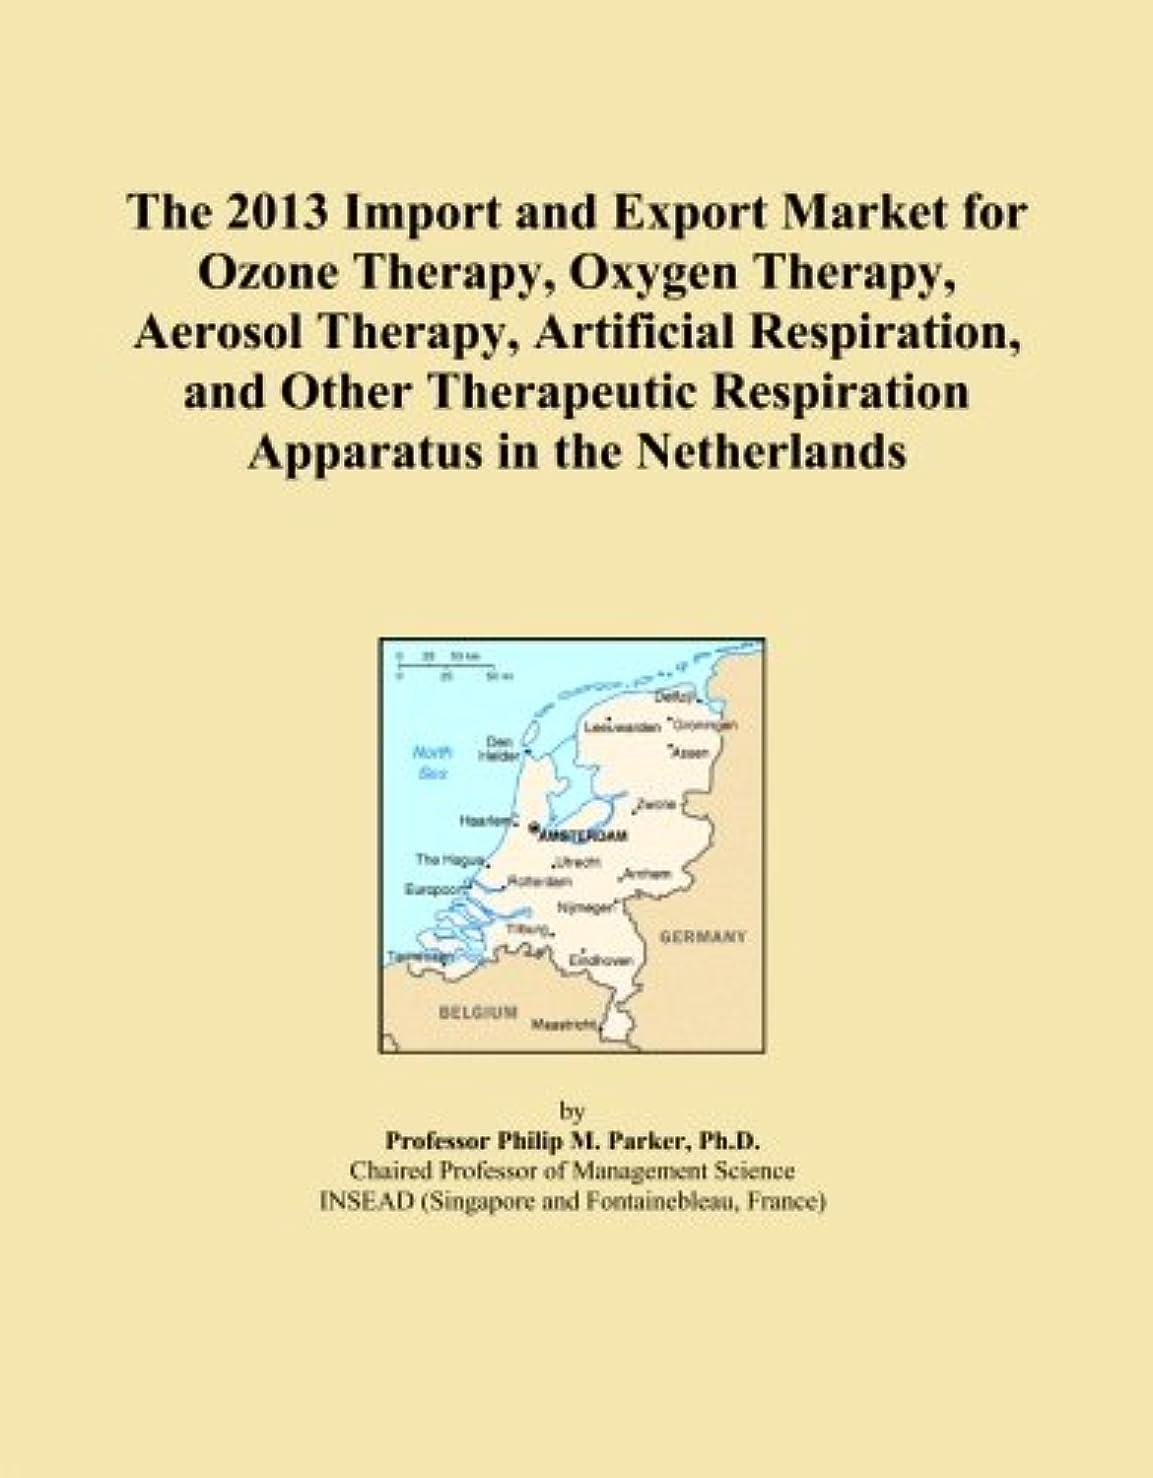 電話遠近法ナサニエル区The 2013 Import and Export Market for Ozone Therapy, Oxygen Therapy, Aerosol Therapy, Artificial Respiration, and Other Therapeutic Respiration Apparatus in the Netherlands